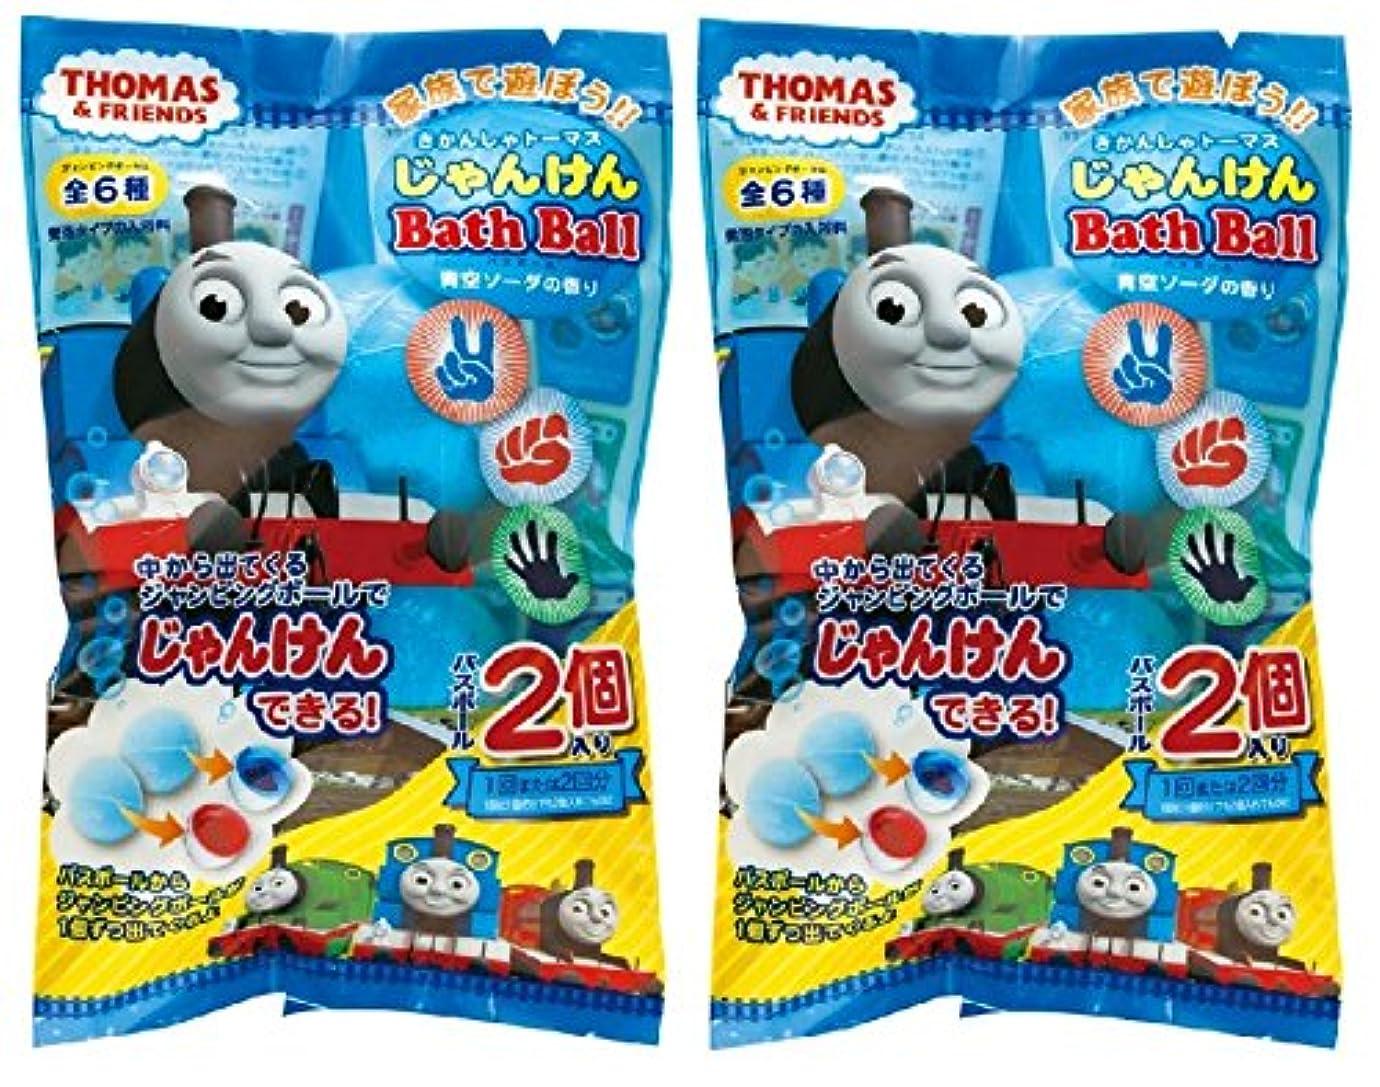 うぬぼれたマスク磨かれた【2袋セット】きかんしゃトーマス 入浴剤 じゃんけんバスボール 2個入り おまけ付き 青色ソーダの香り OB-TOB-4-1